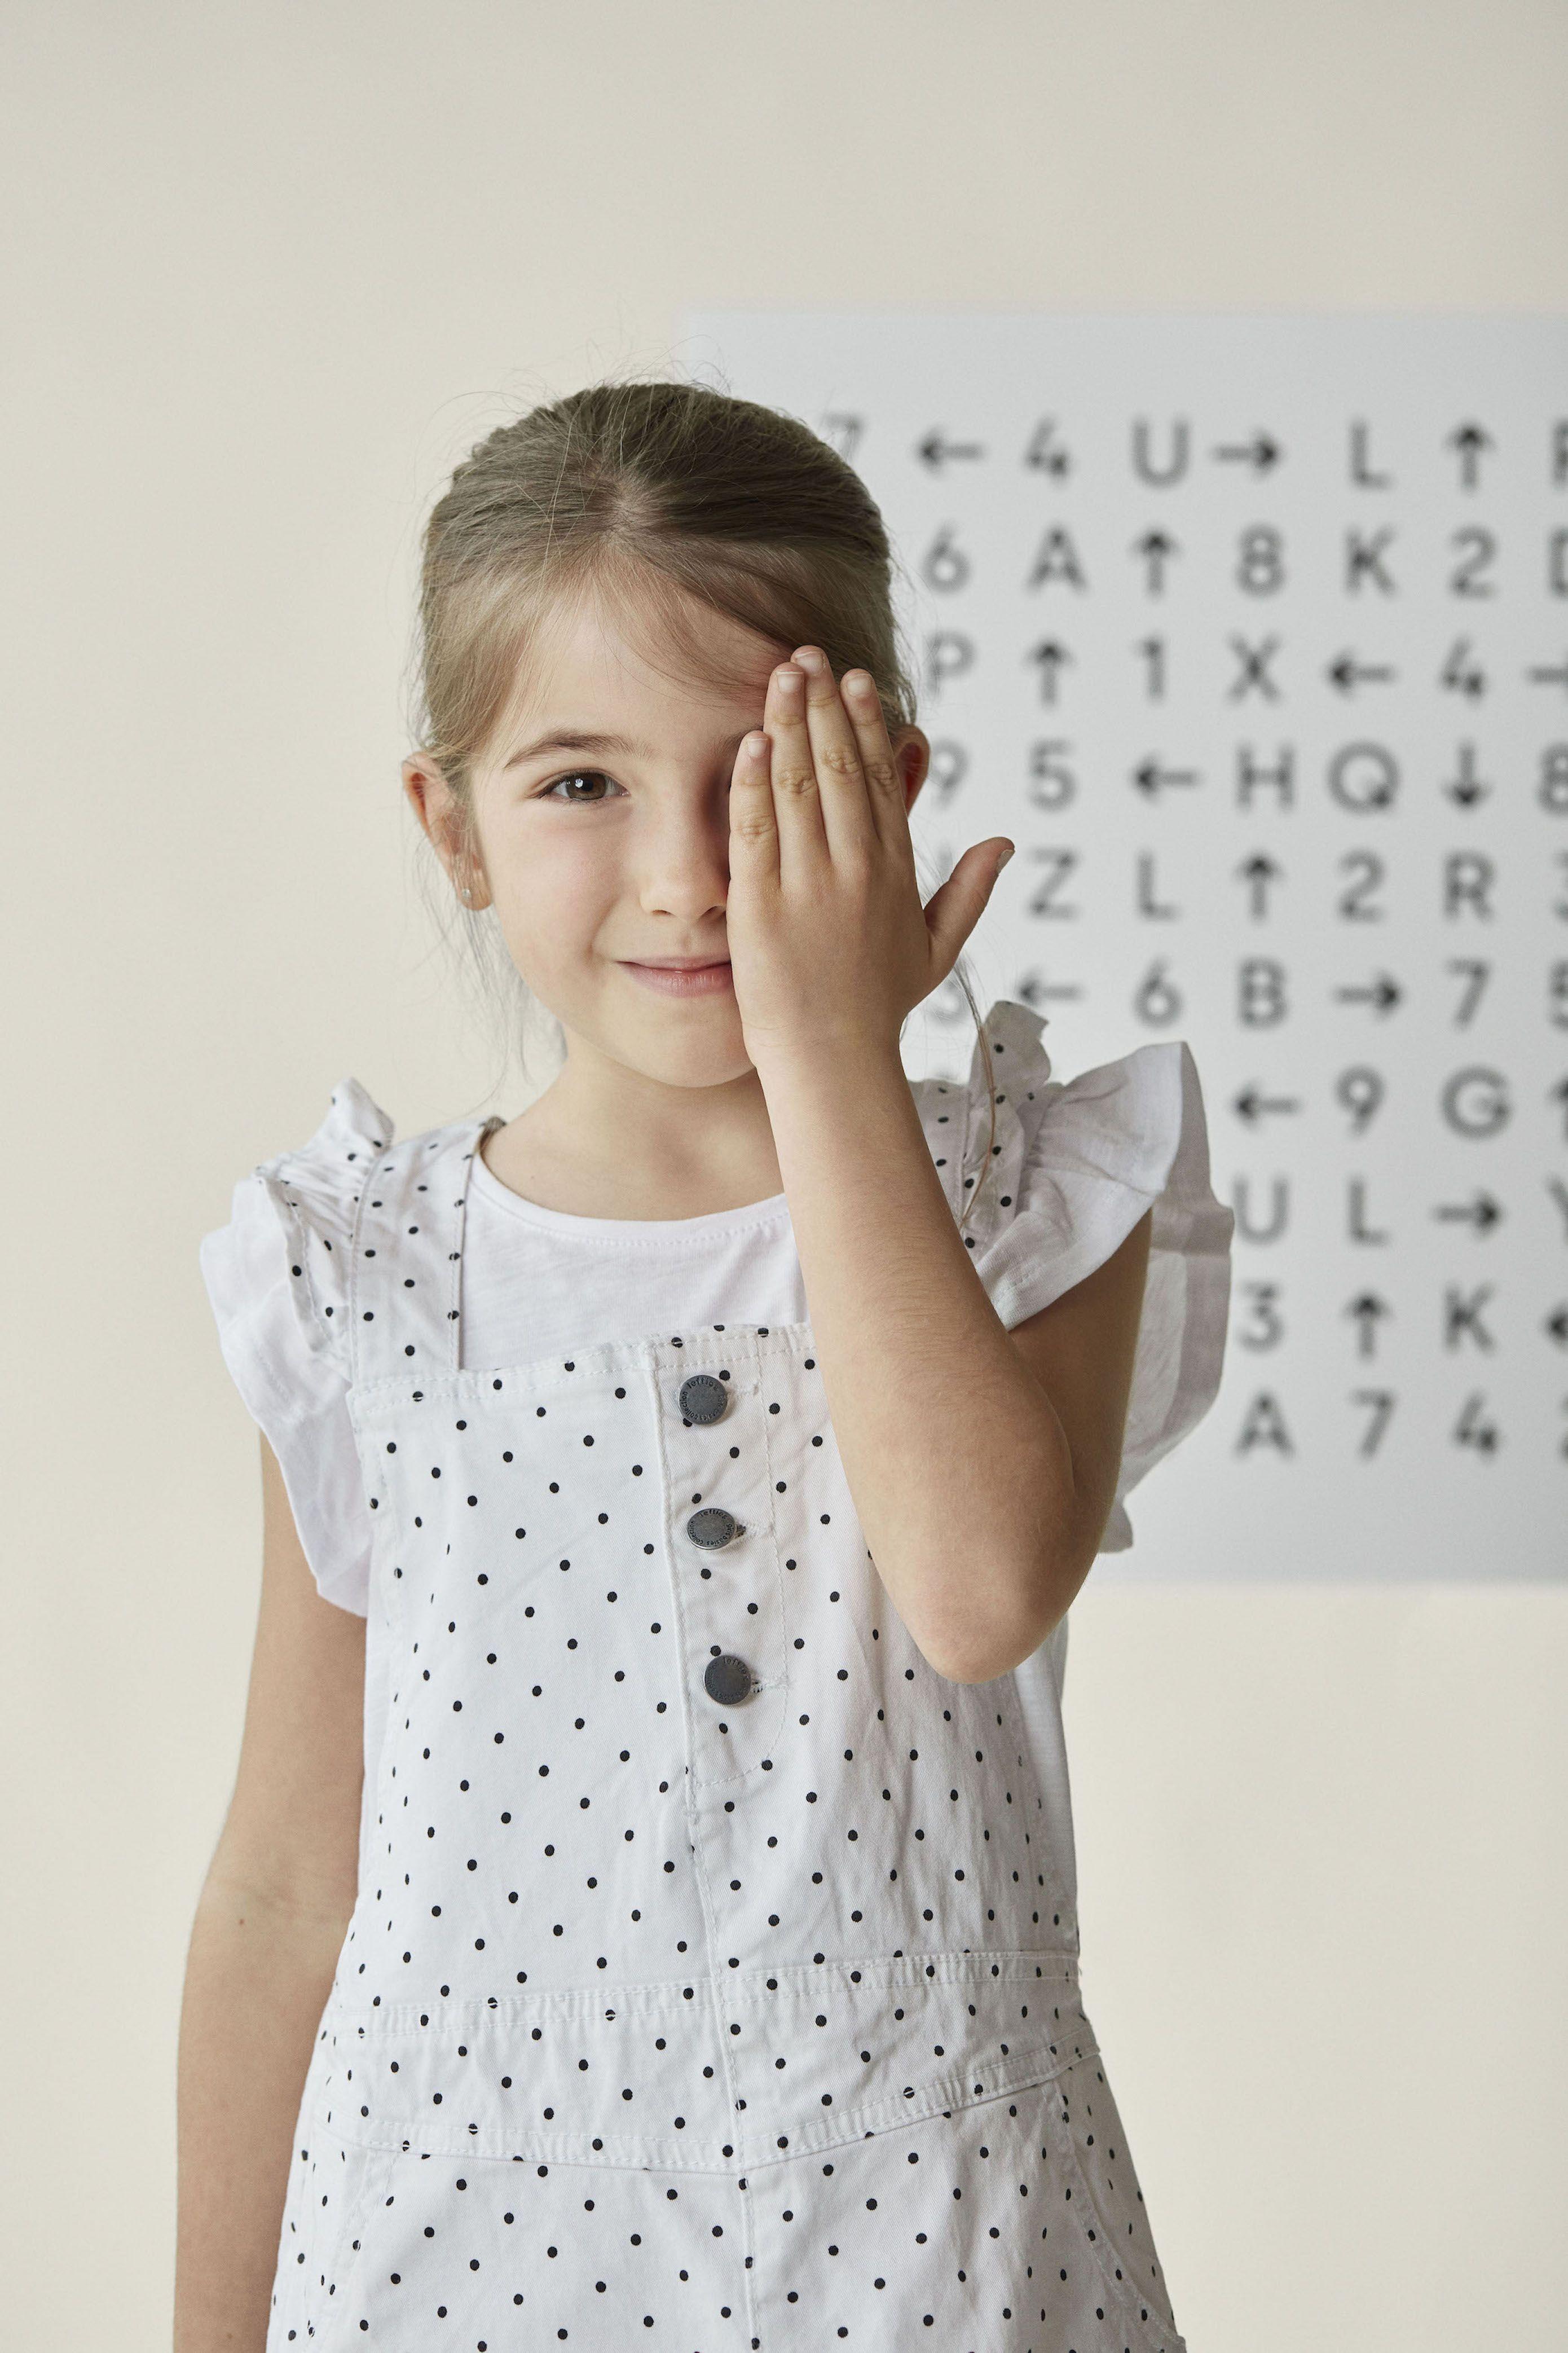 COTTET: El entrenamiento visual, ayuda clave para mejorar el rendimiento escolar